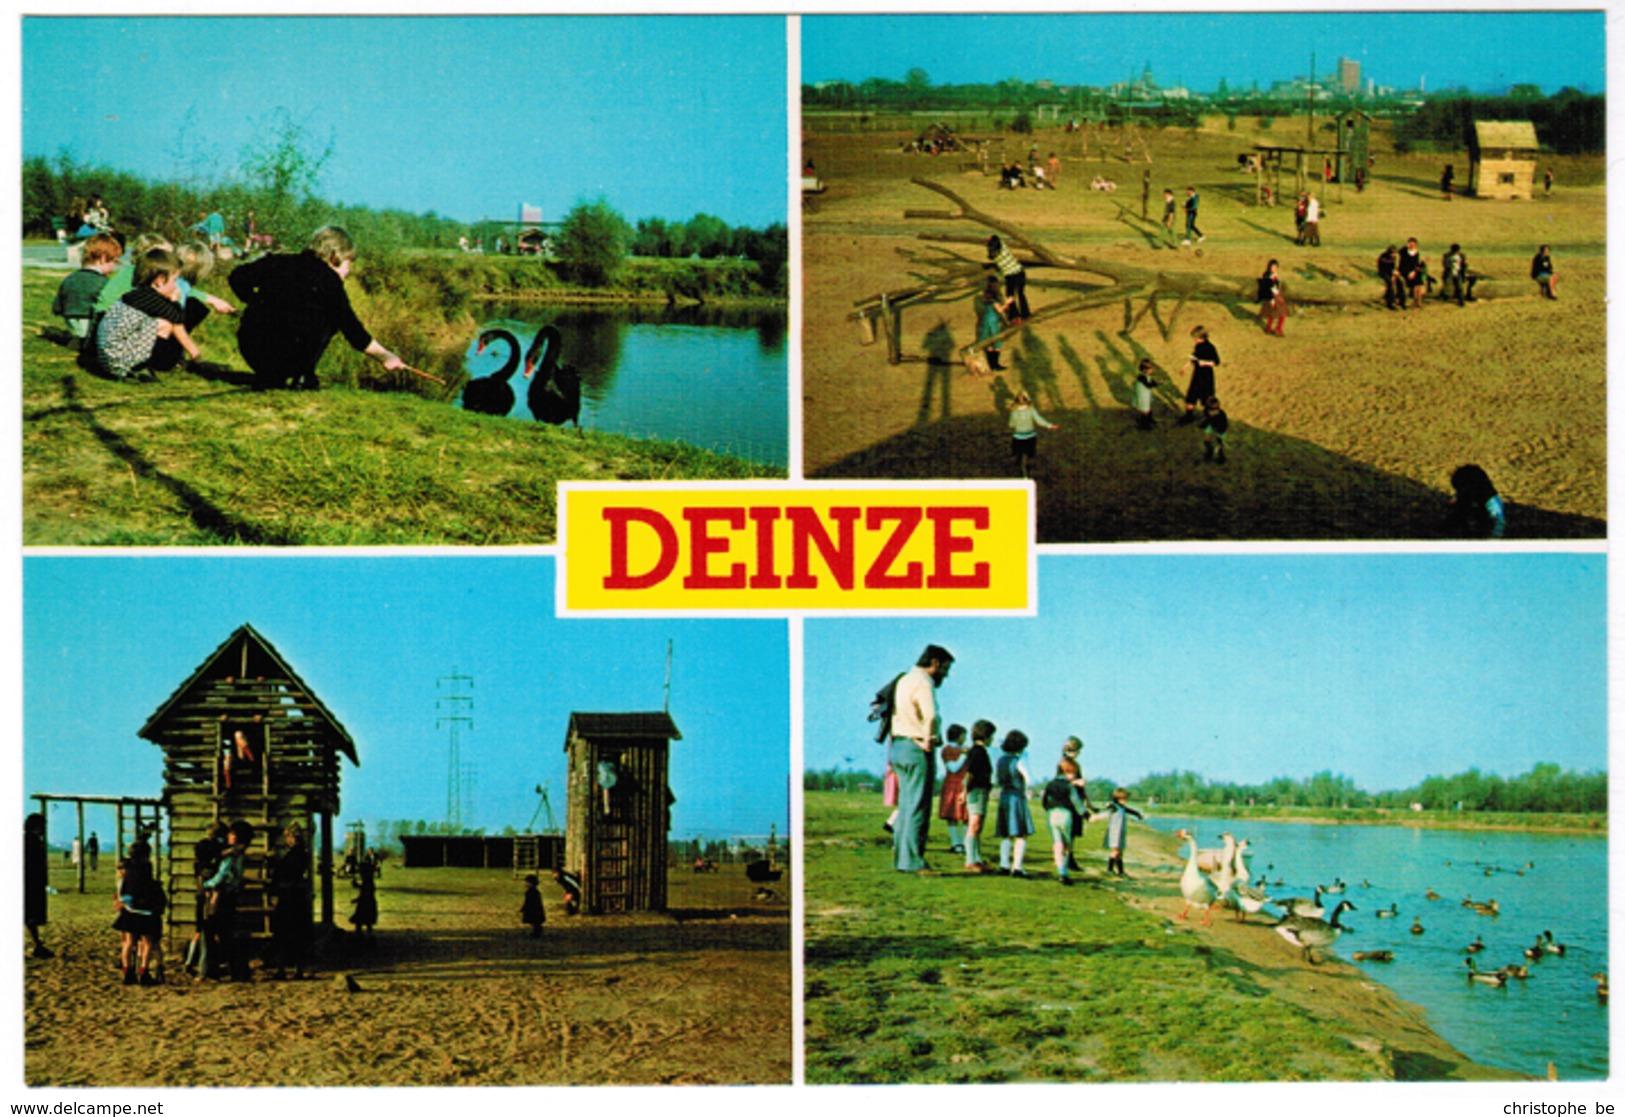 Deinze Brielmeersen Siervijver (pk55643) - Deinze